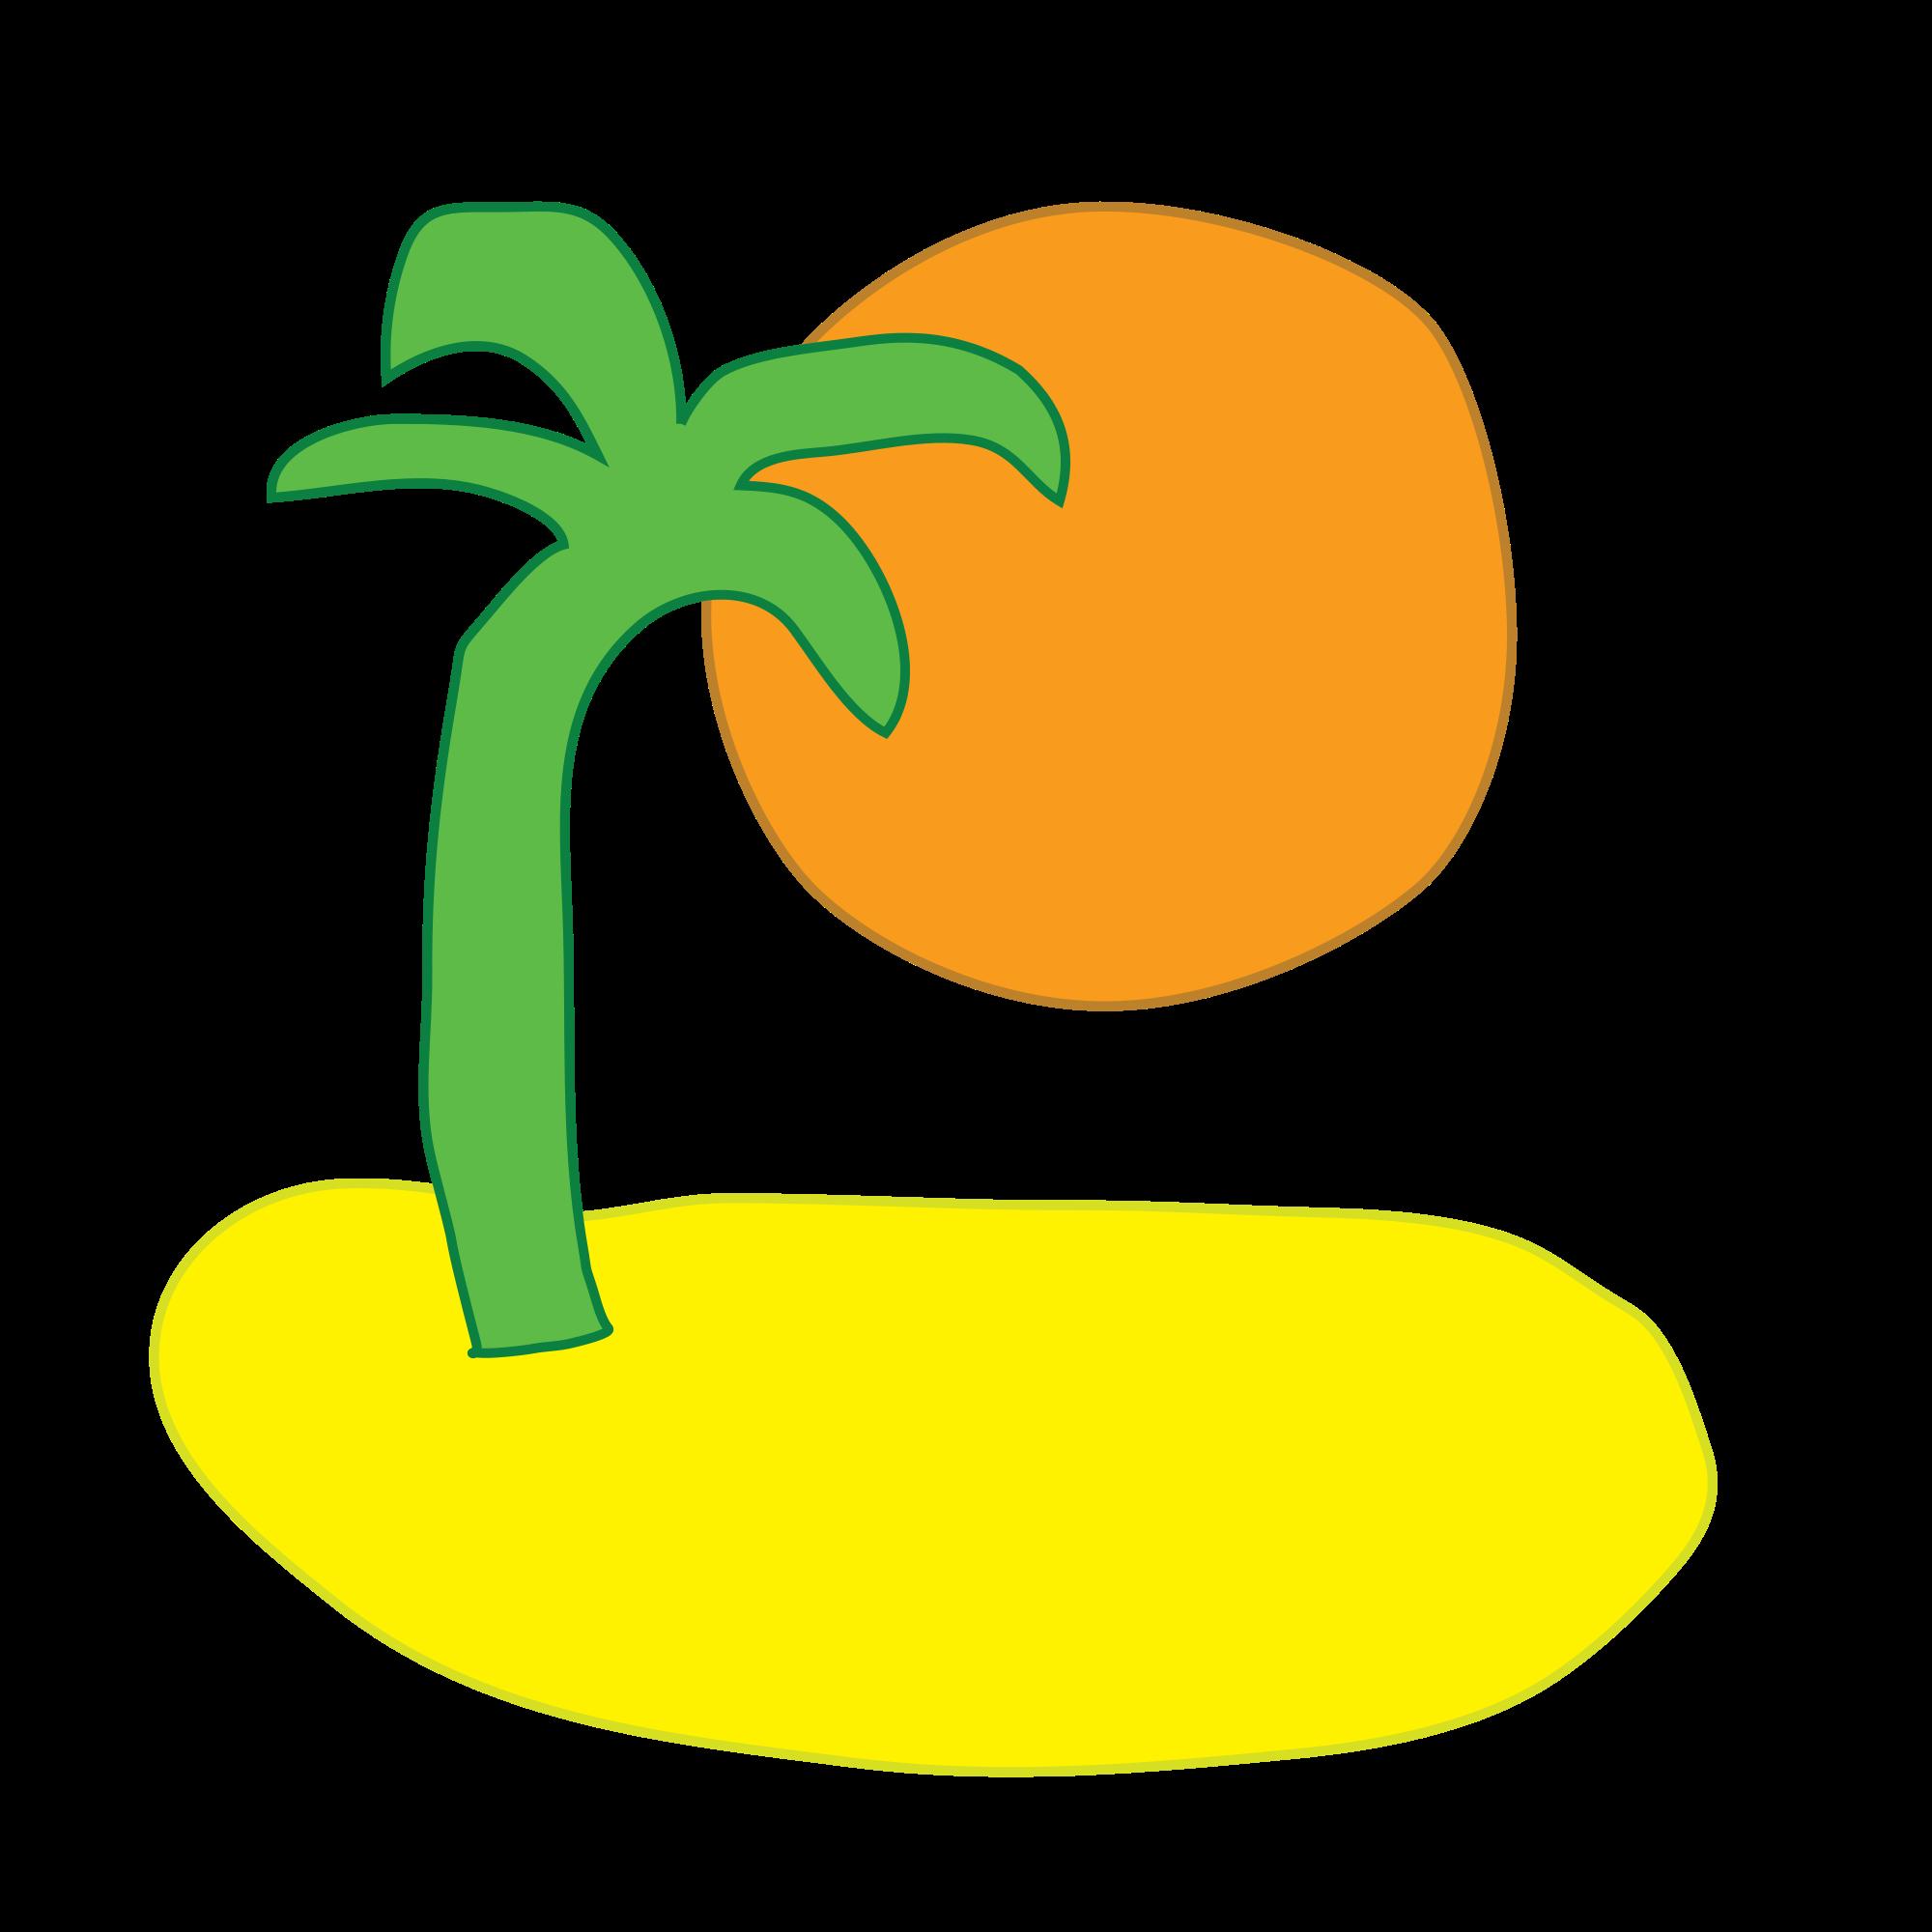 File clipart island svg wikimediamons